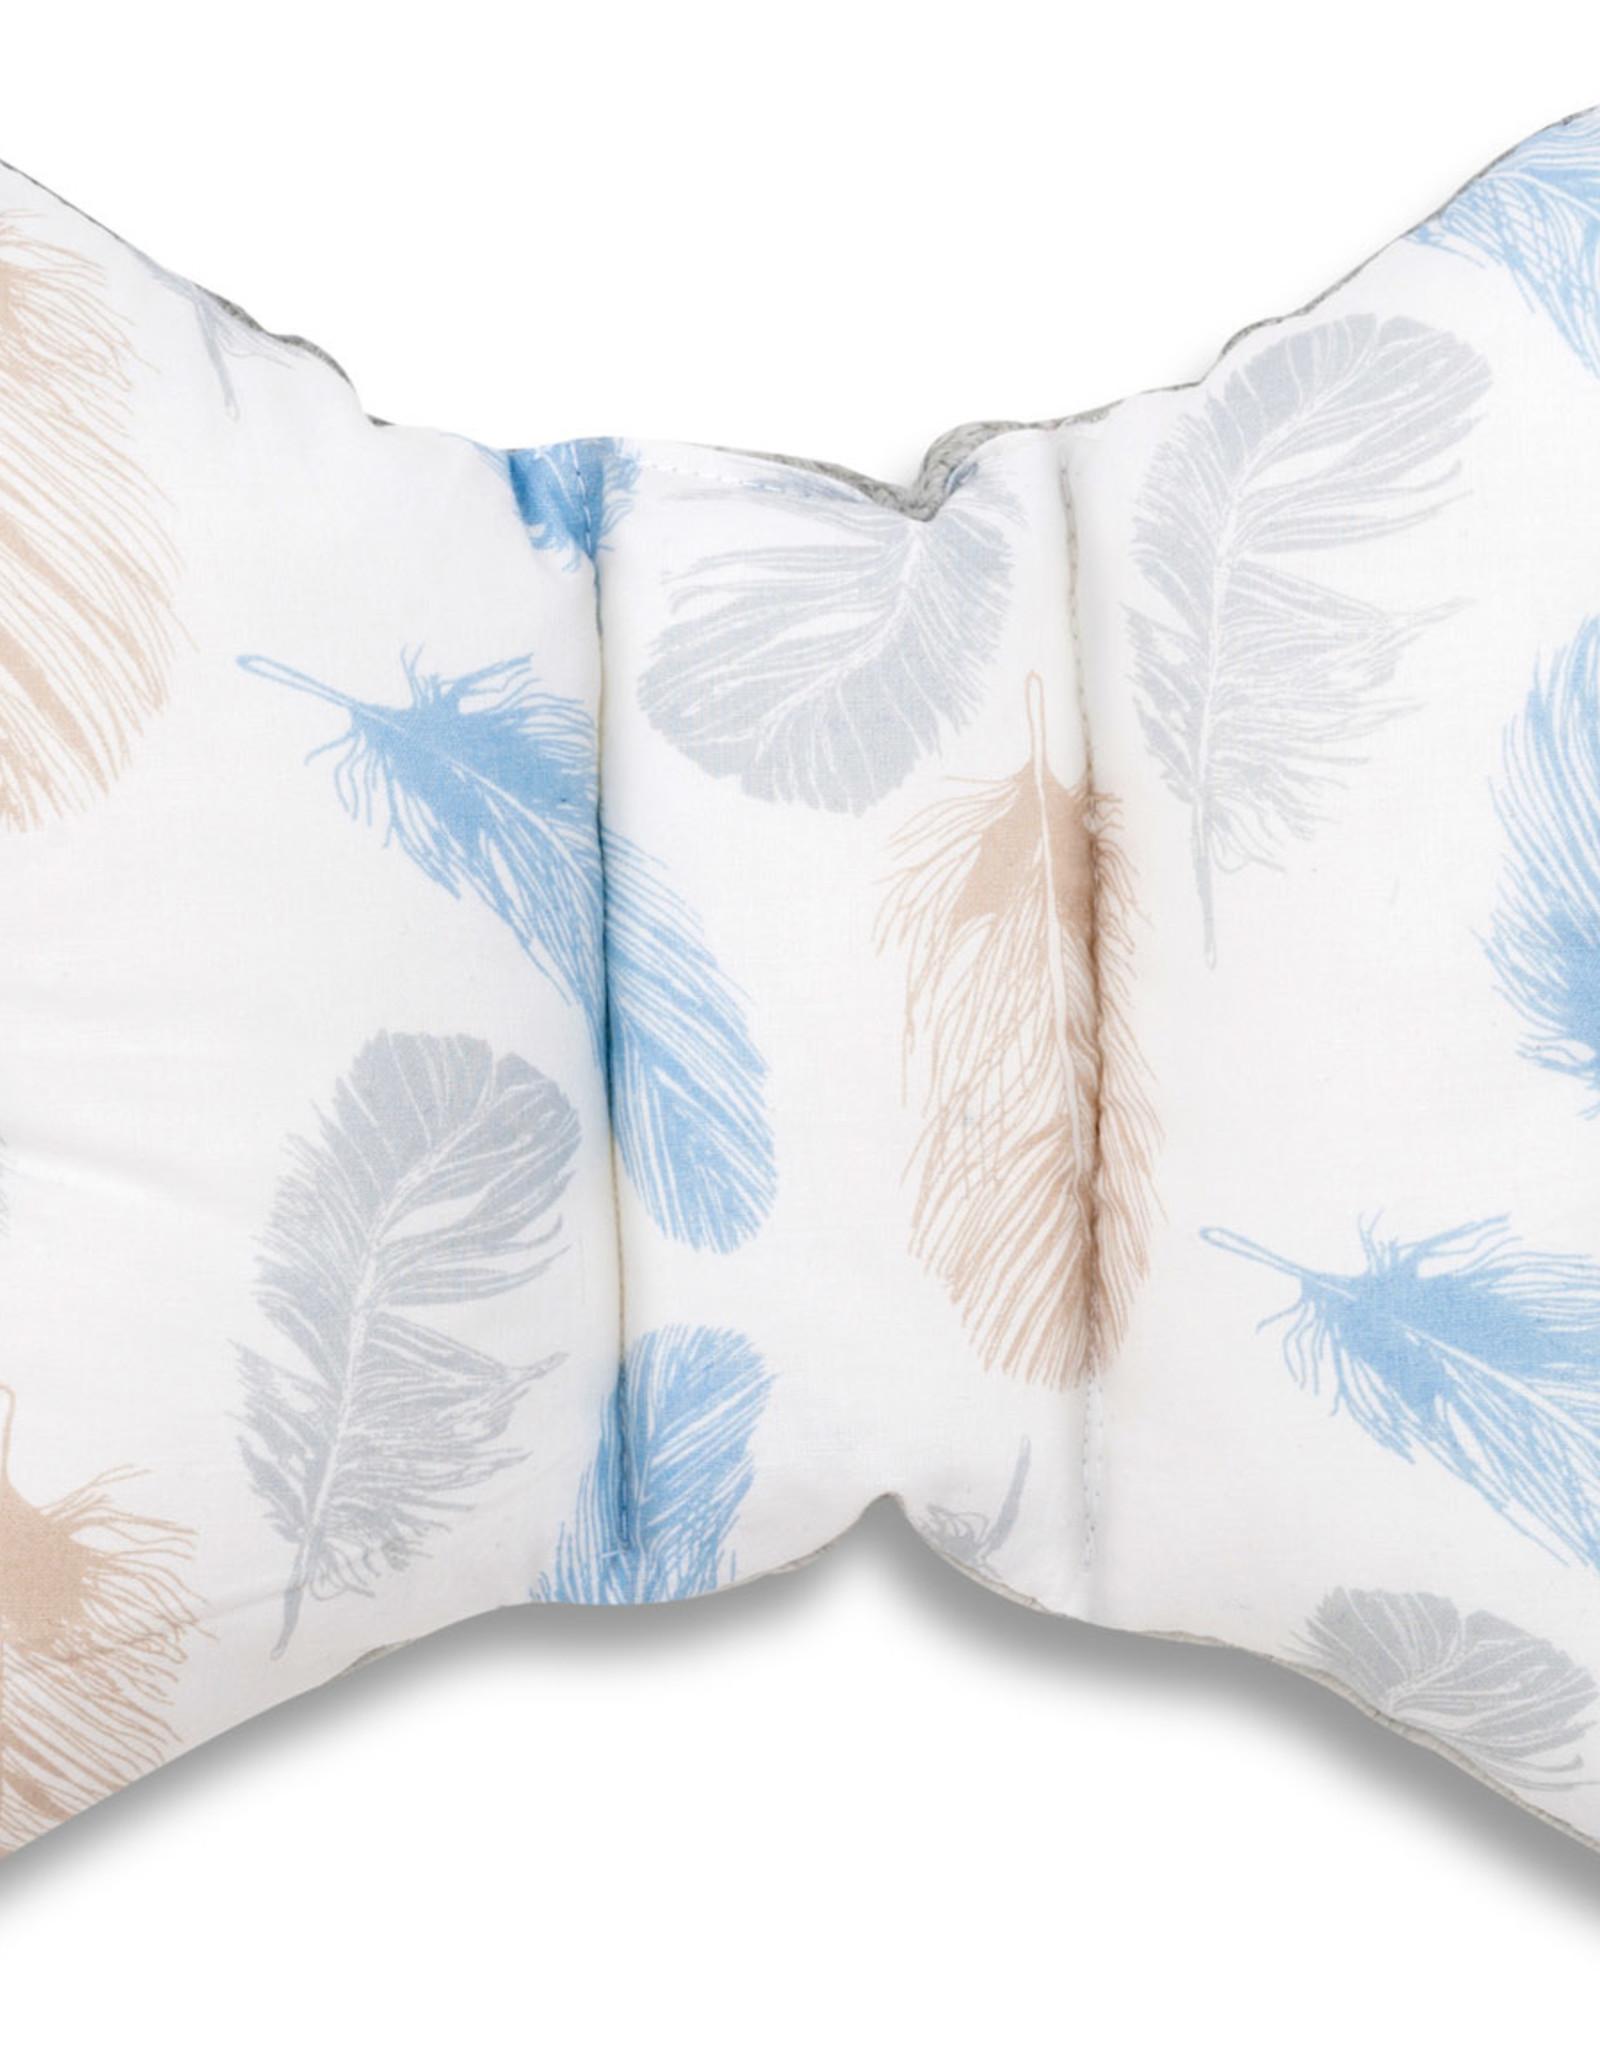 Baby nest set - Blauwe veren